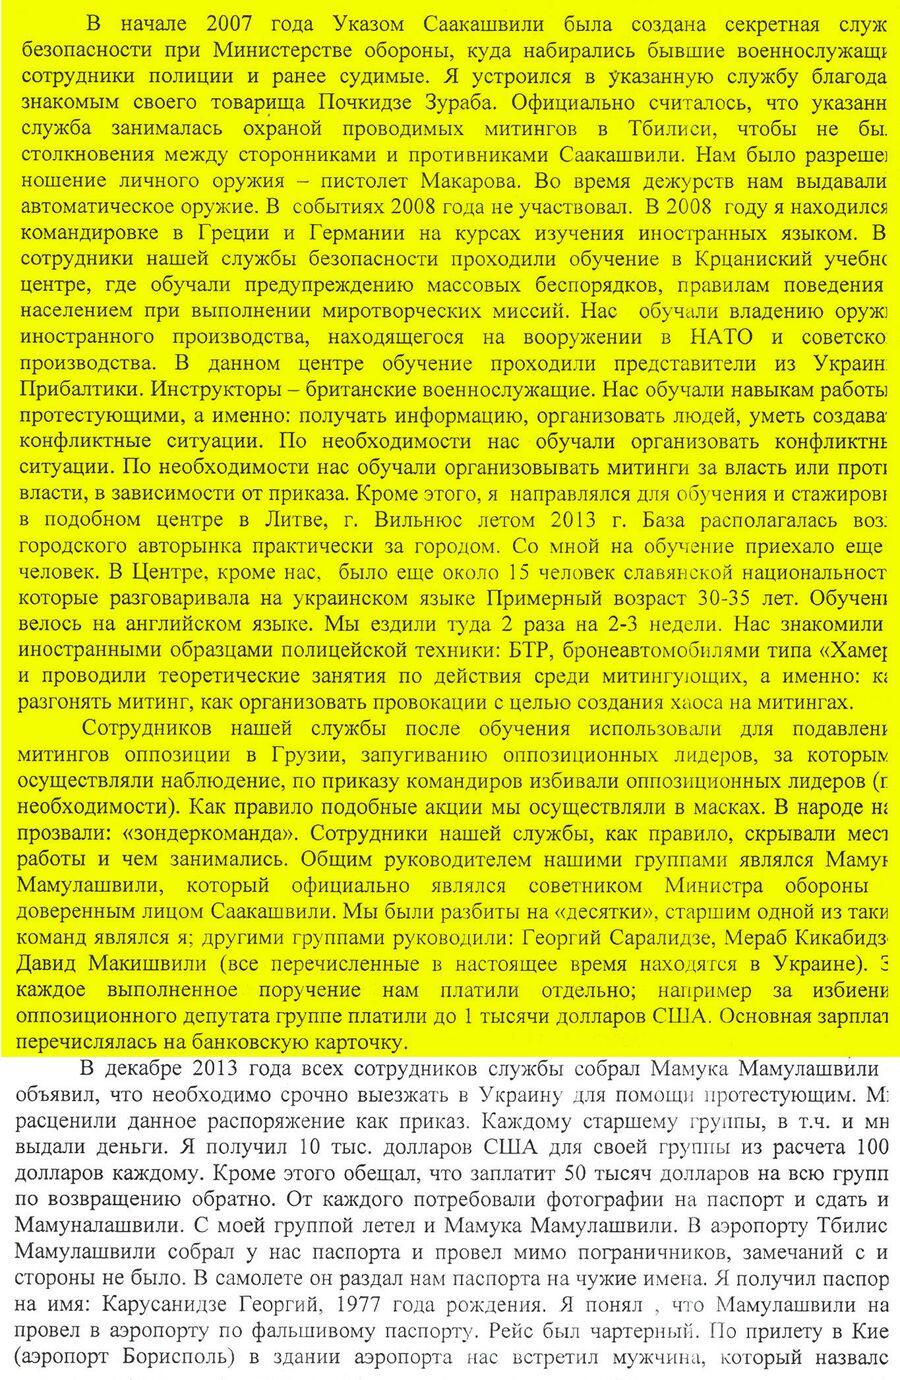 Протокол опроса Кобы Нергадзе